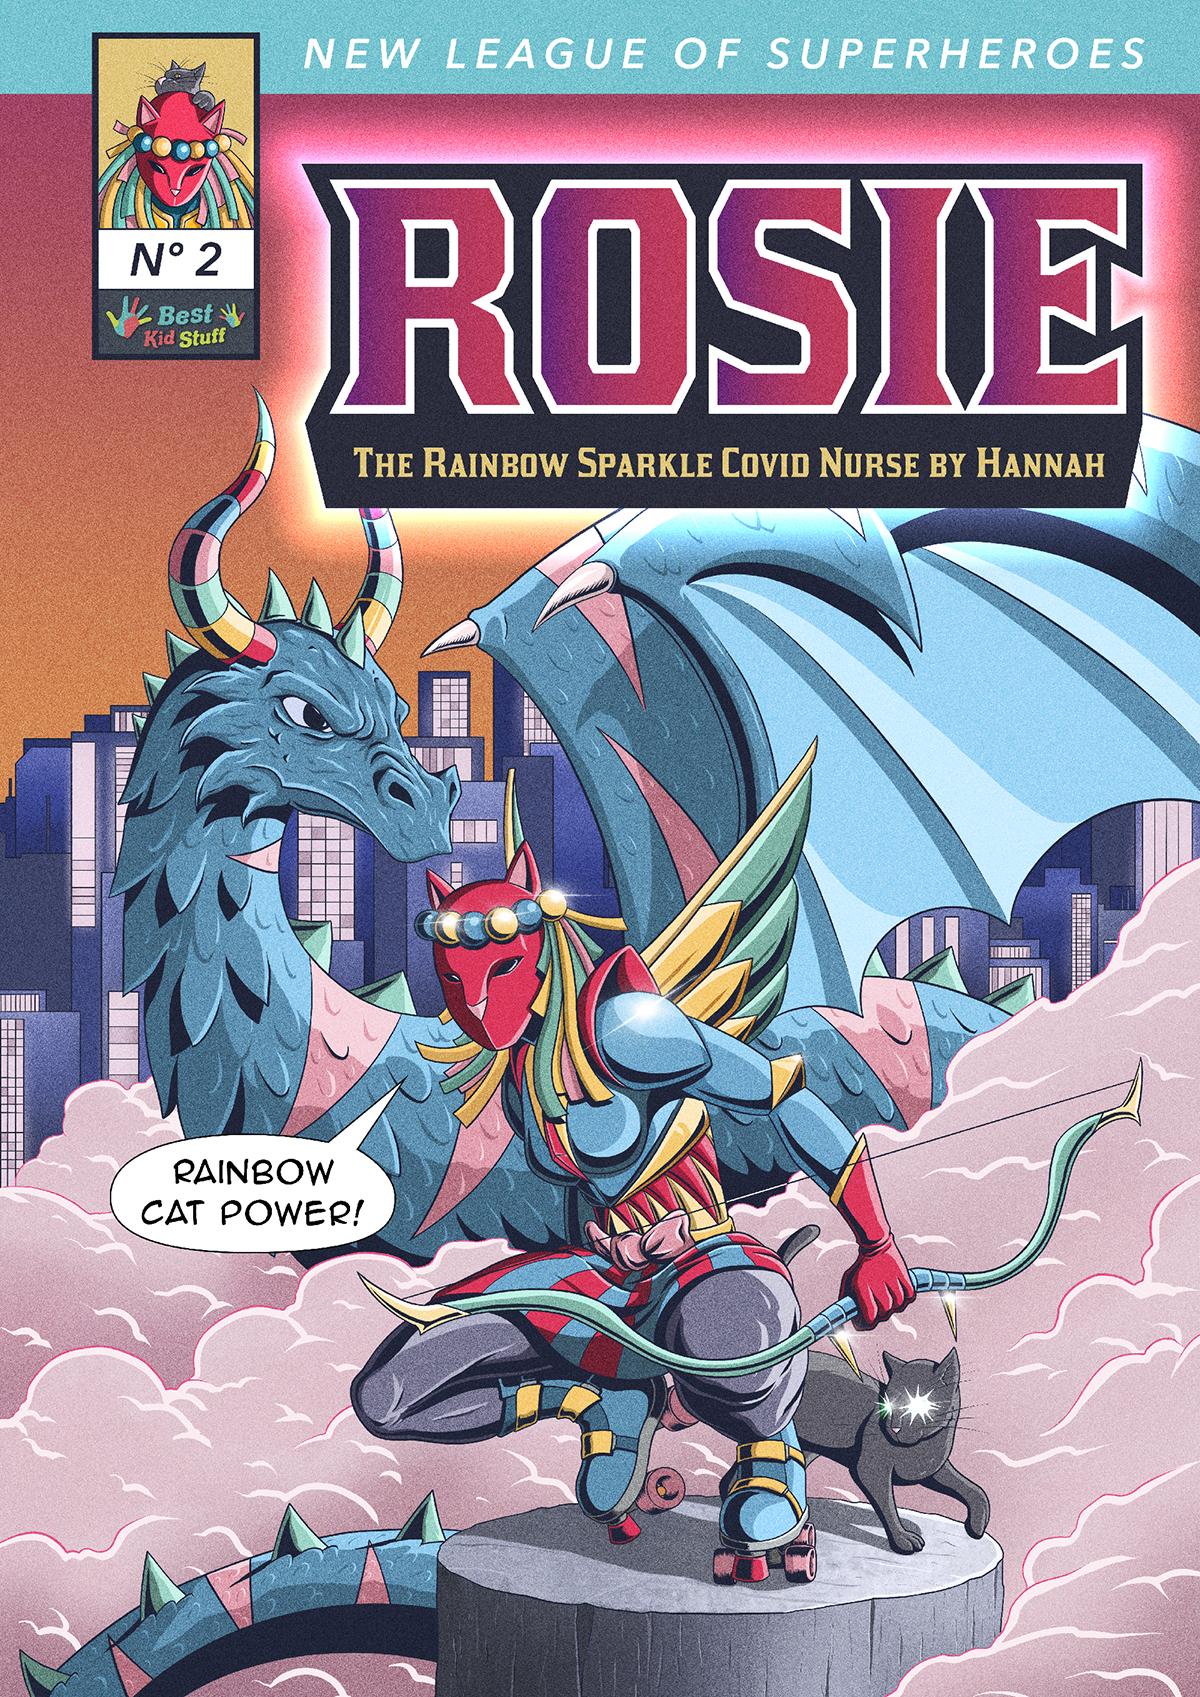 02 New League of Superheroes Rosie